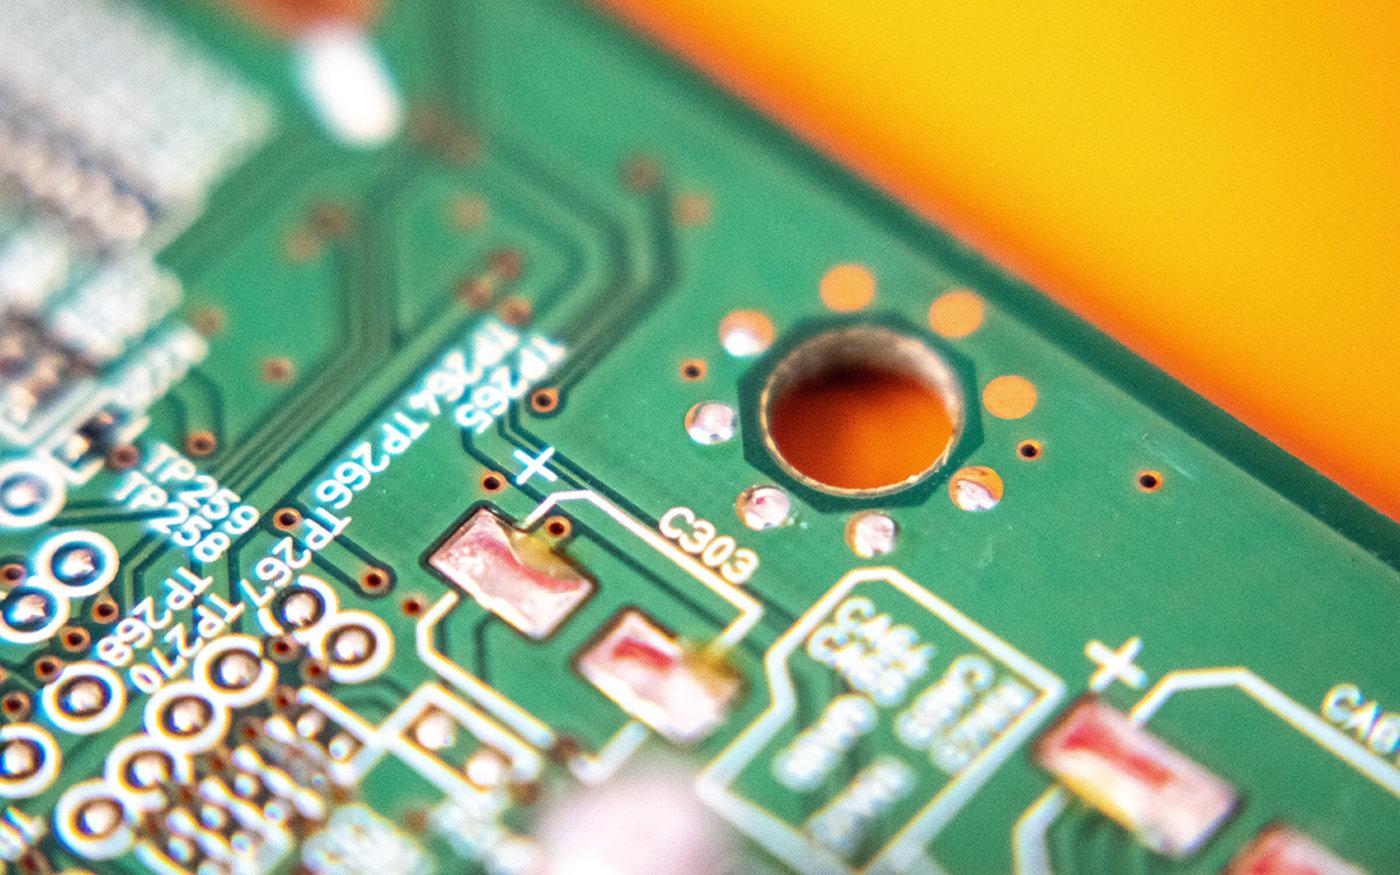 芯片电路板(图片来源:Unsplash)